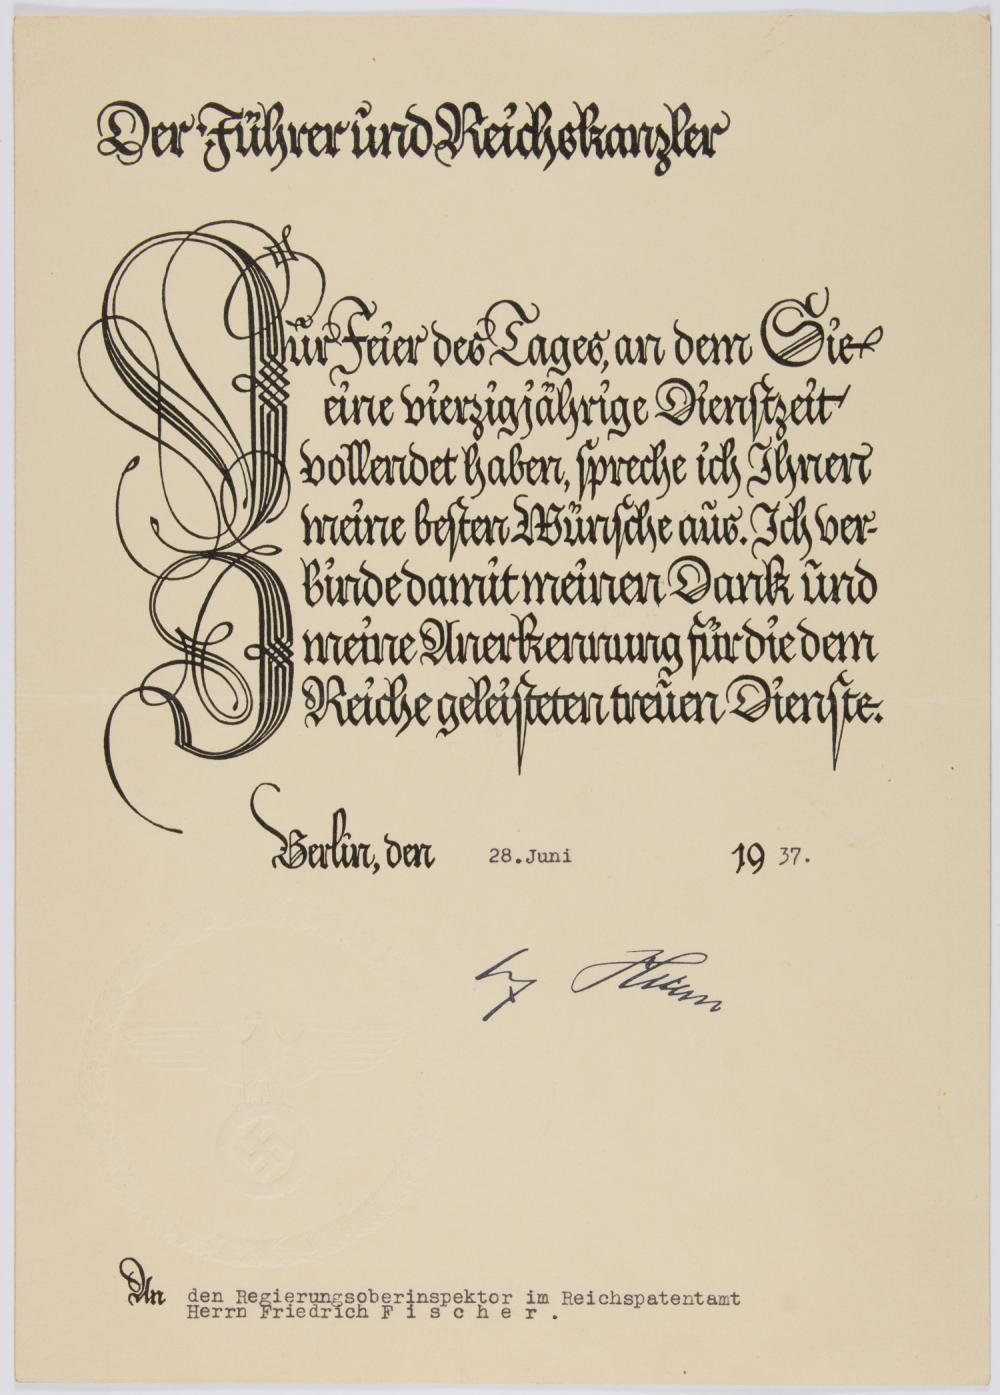 GERMAN 40 YEAR SERVICE AWARD